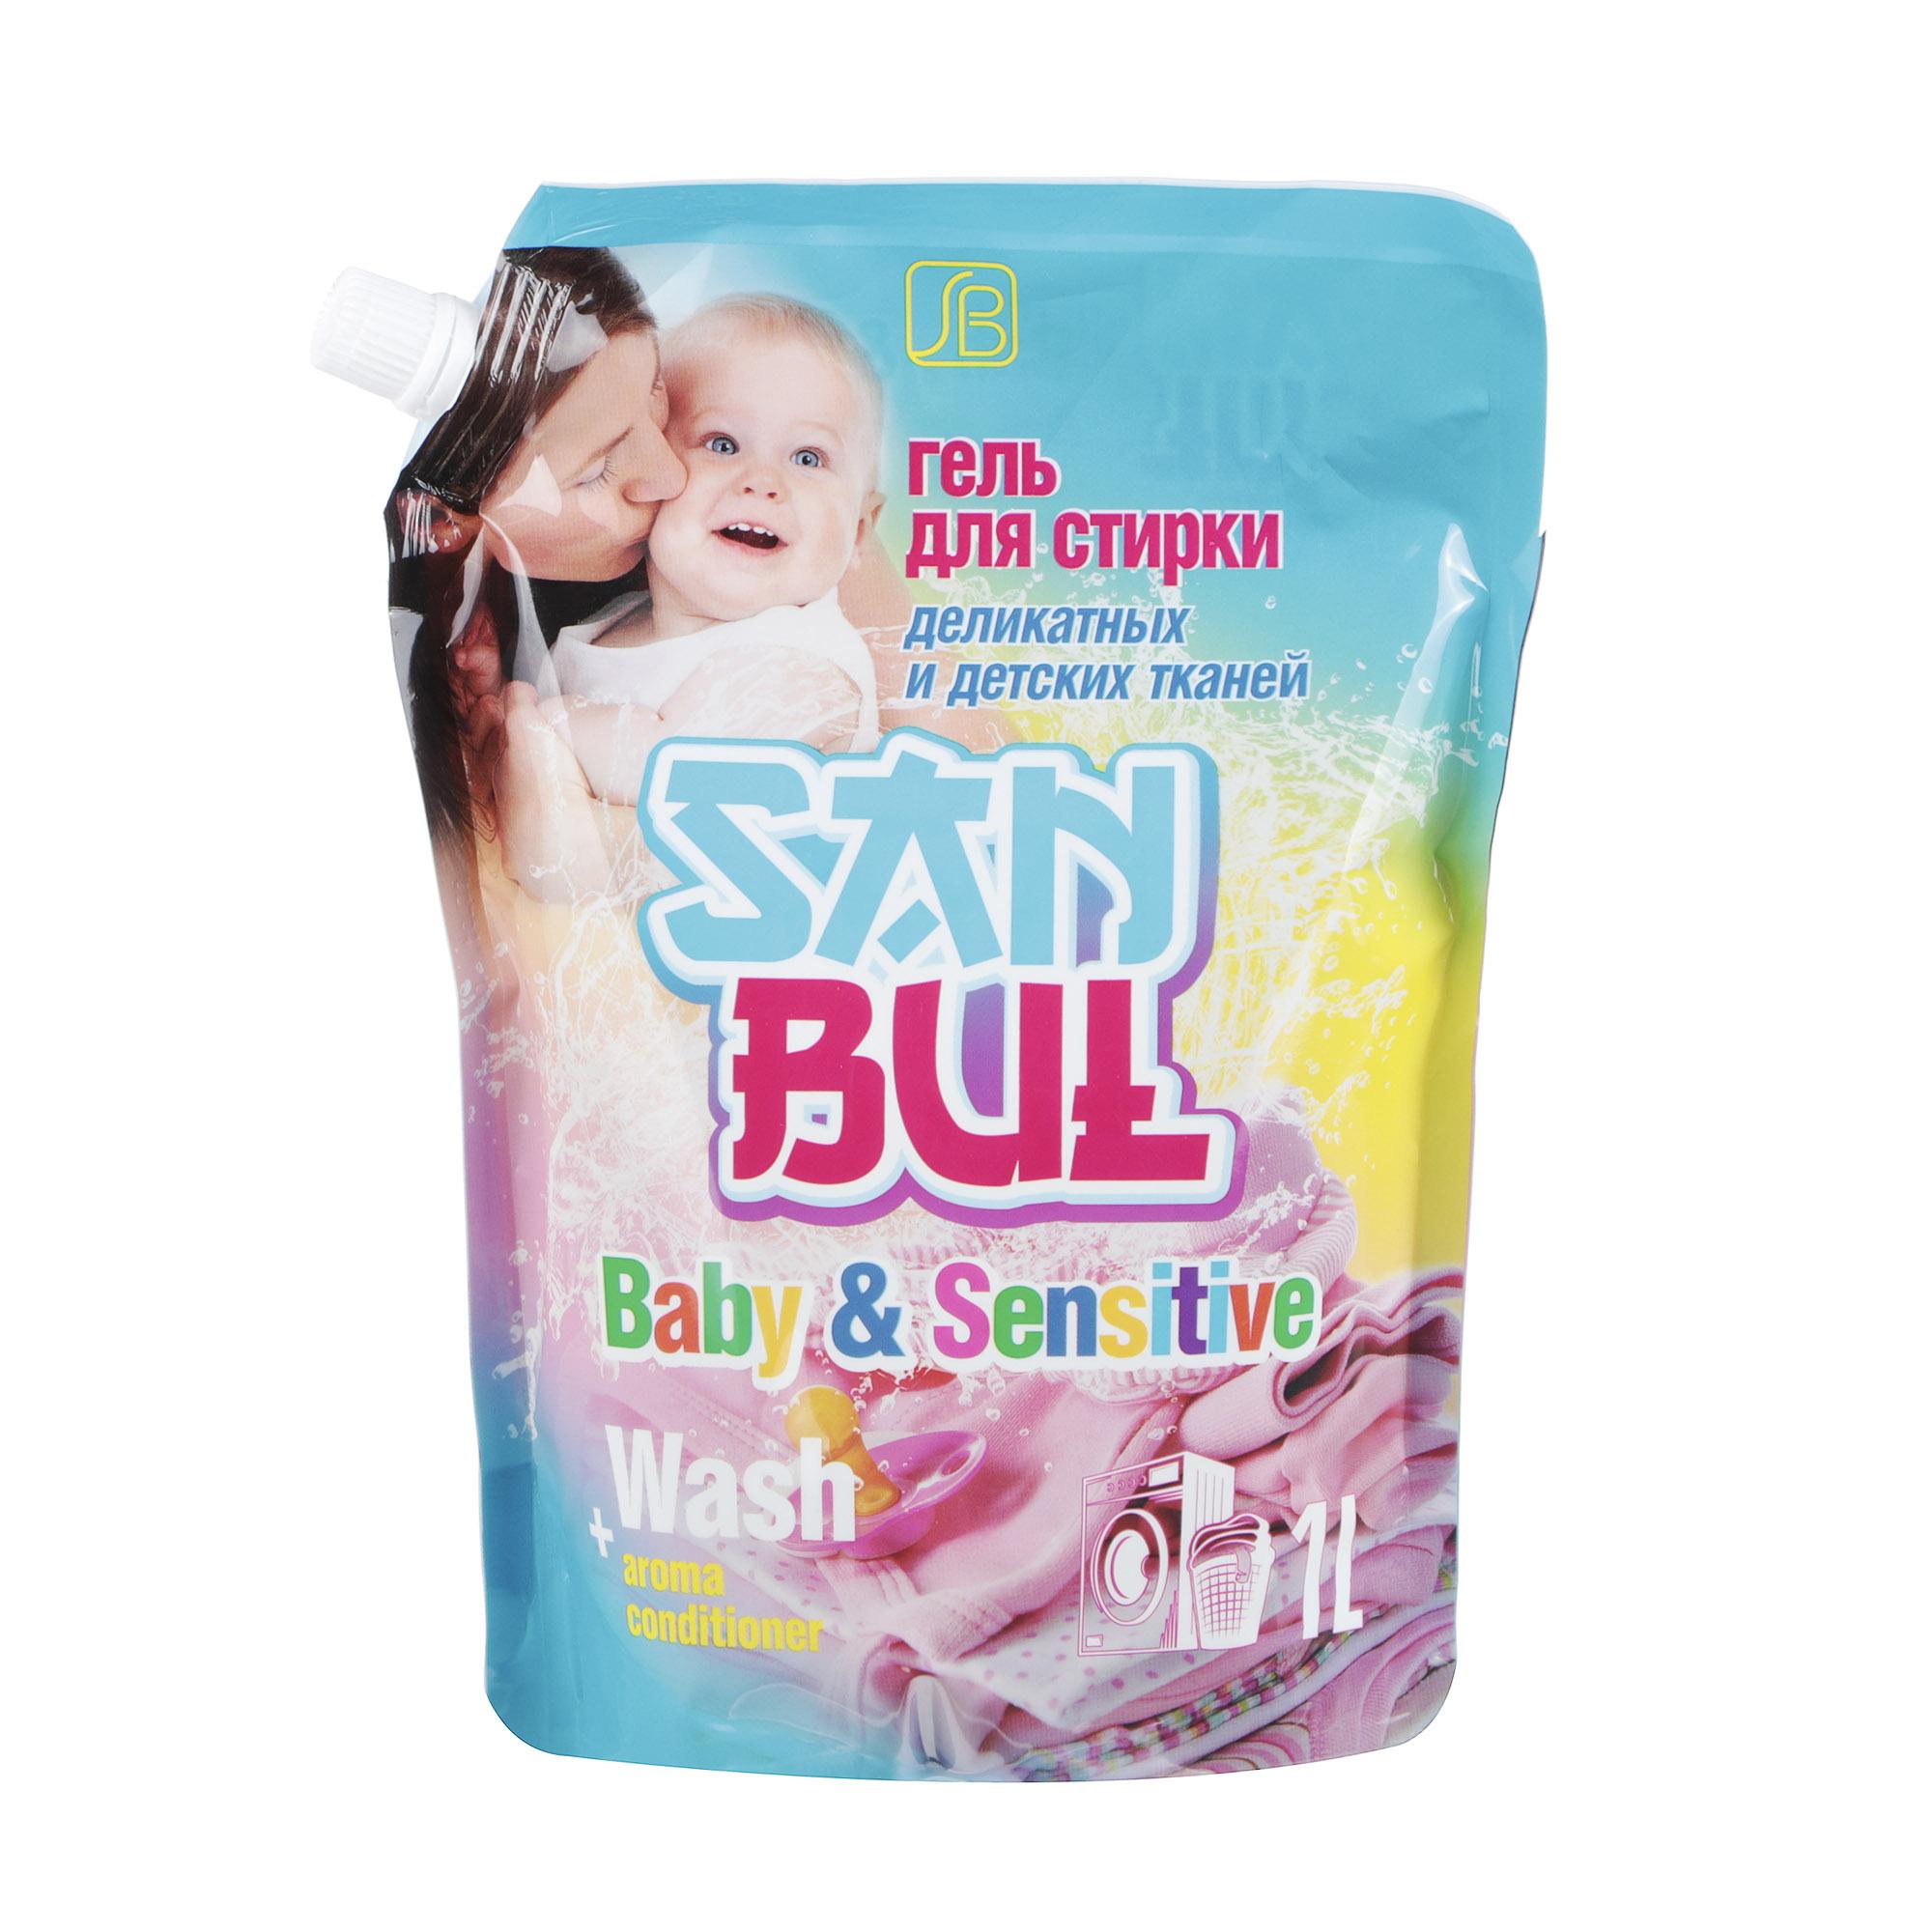 Гель для стирки деликатных и детских тканей SANBUL Baby&Sensitive 1 л